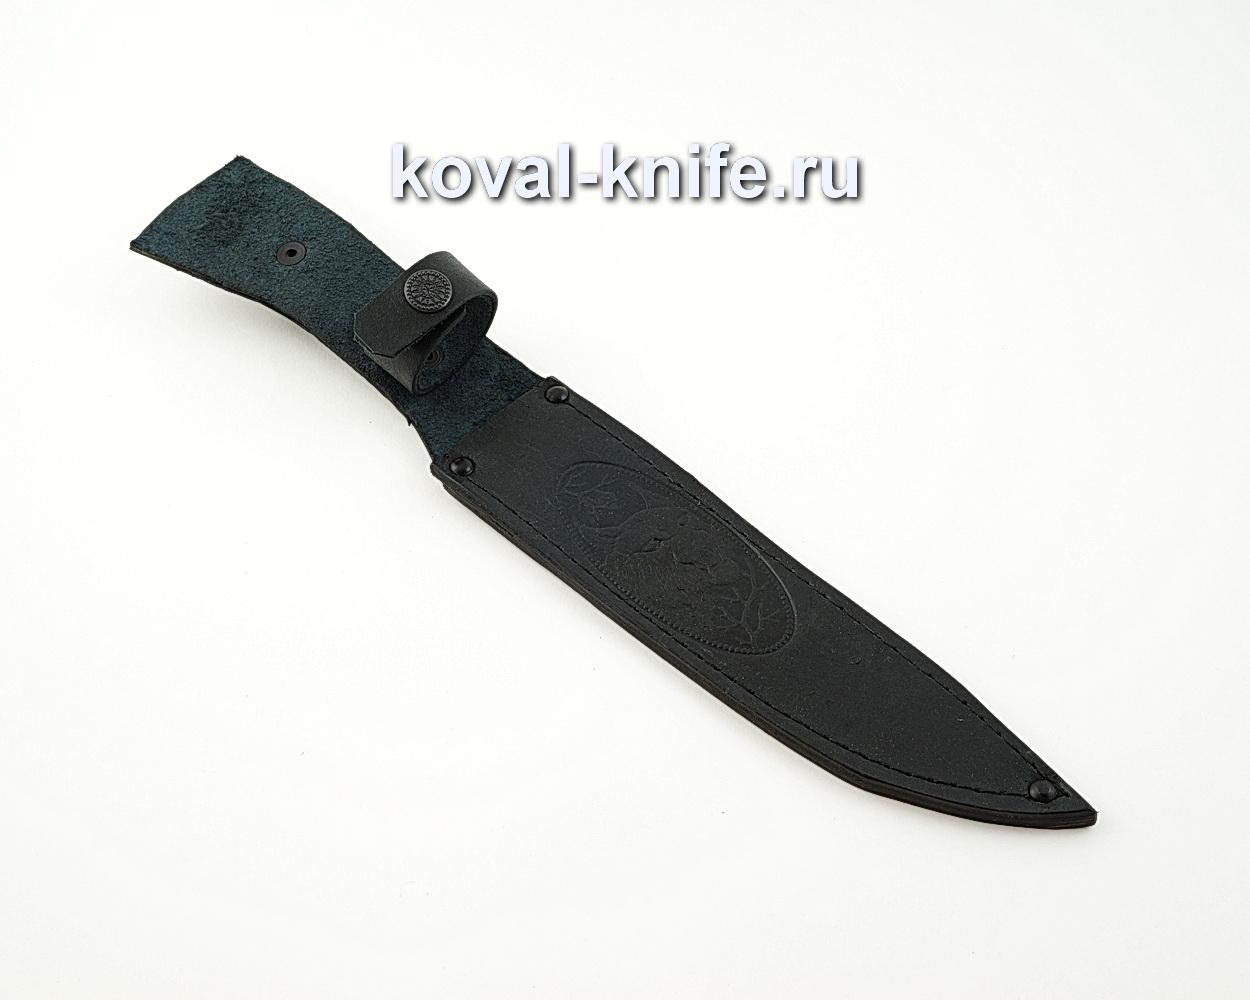 Кожаный чехол (нож Пластун)